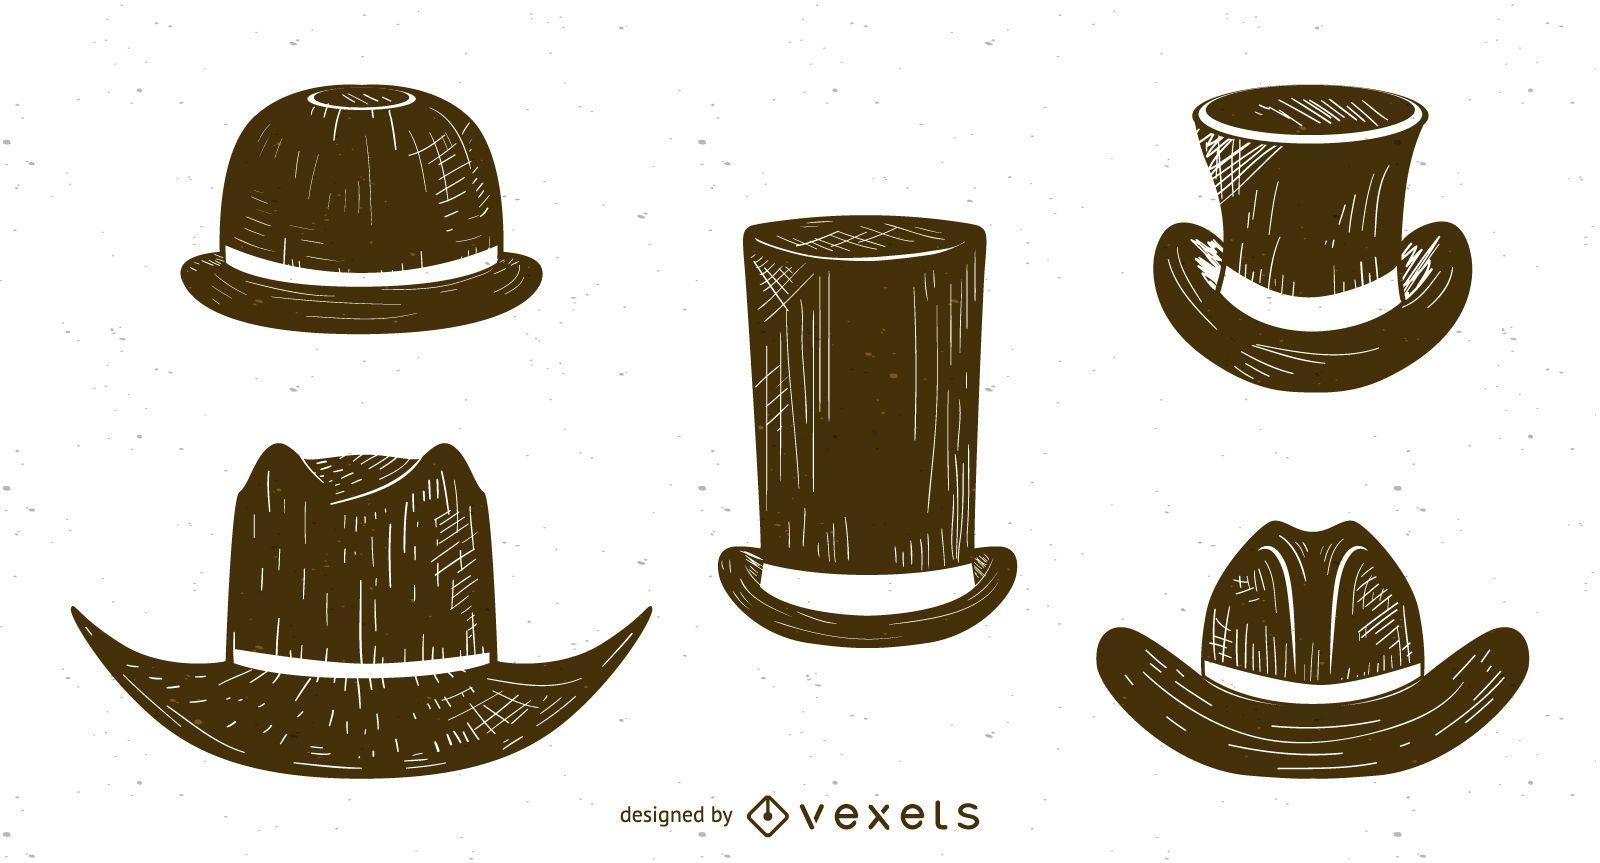 Sombreros de hombres boceto conjunto - Descargar vector a2ddc74c28b